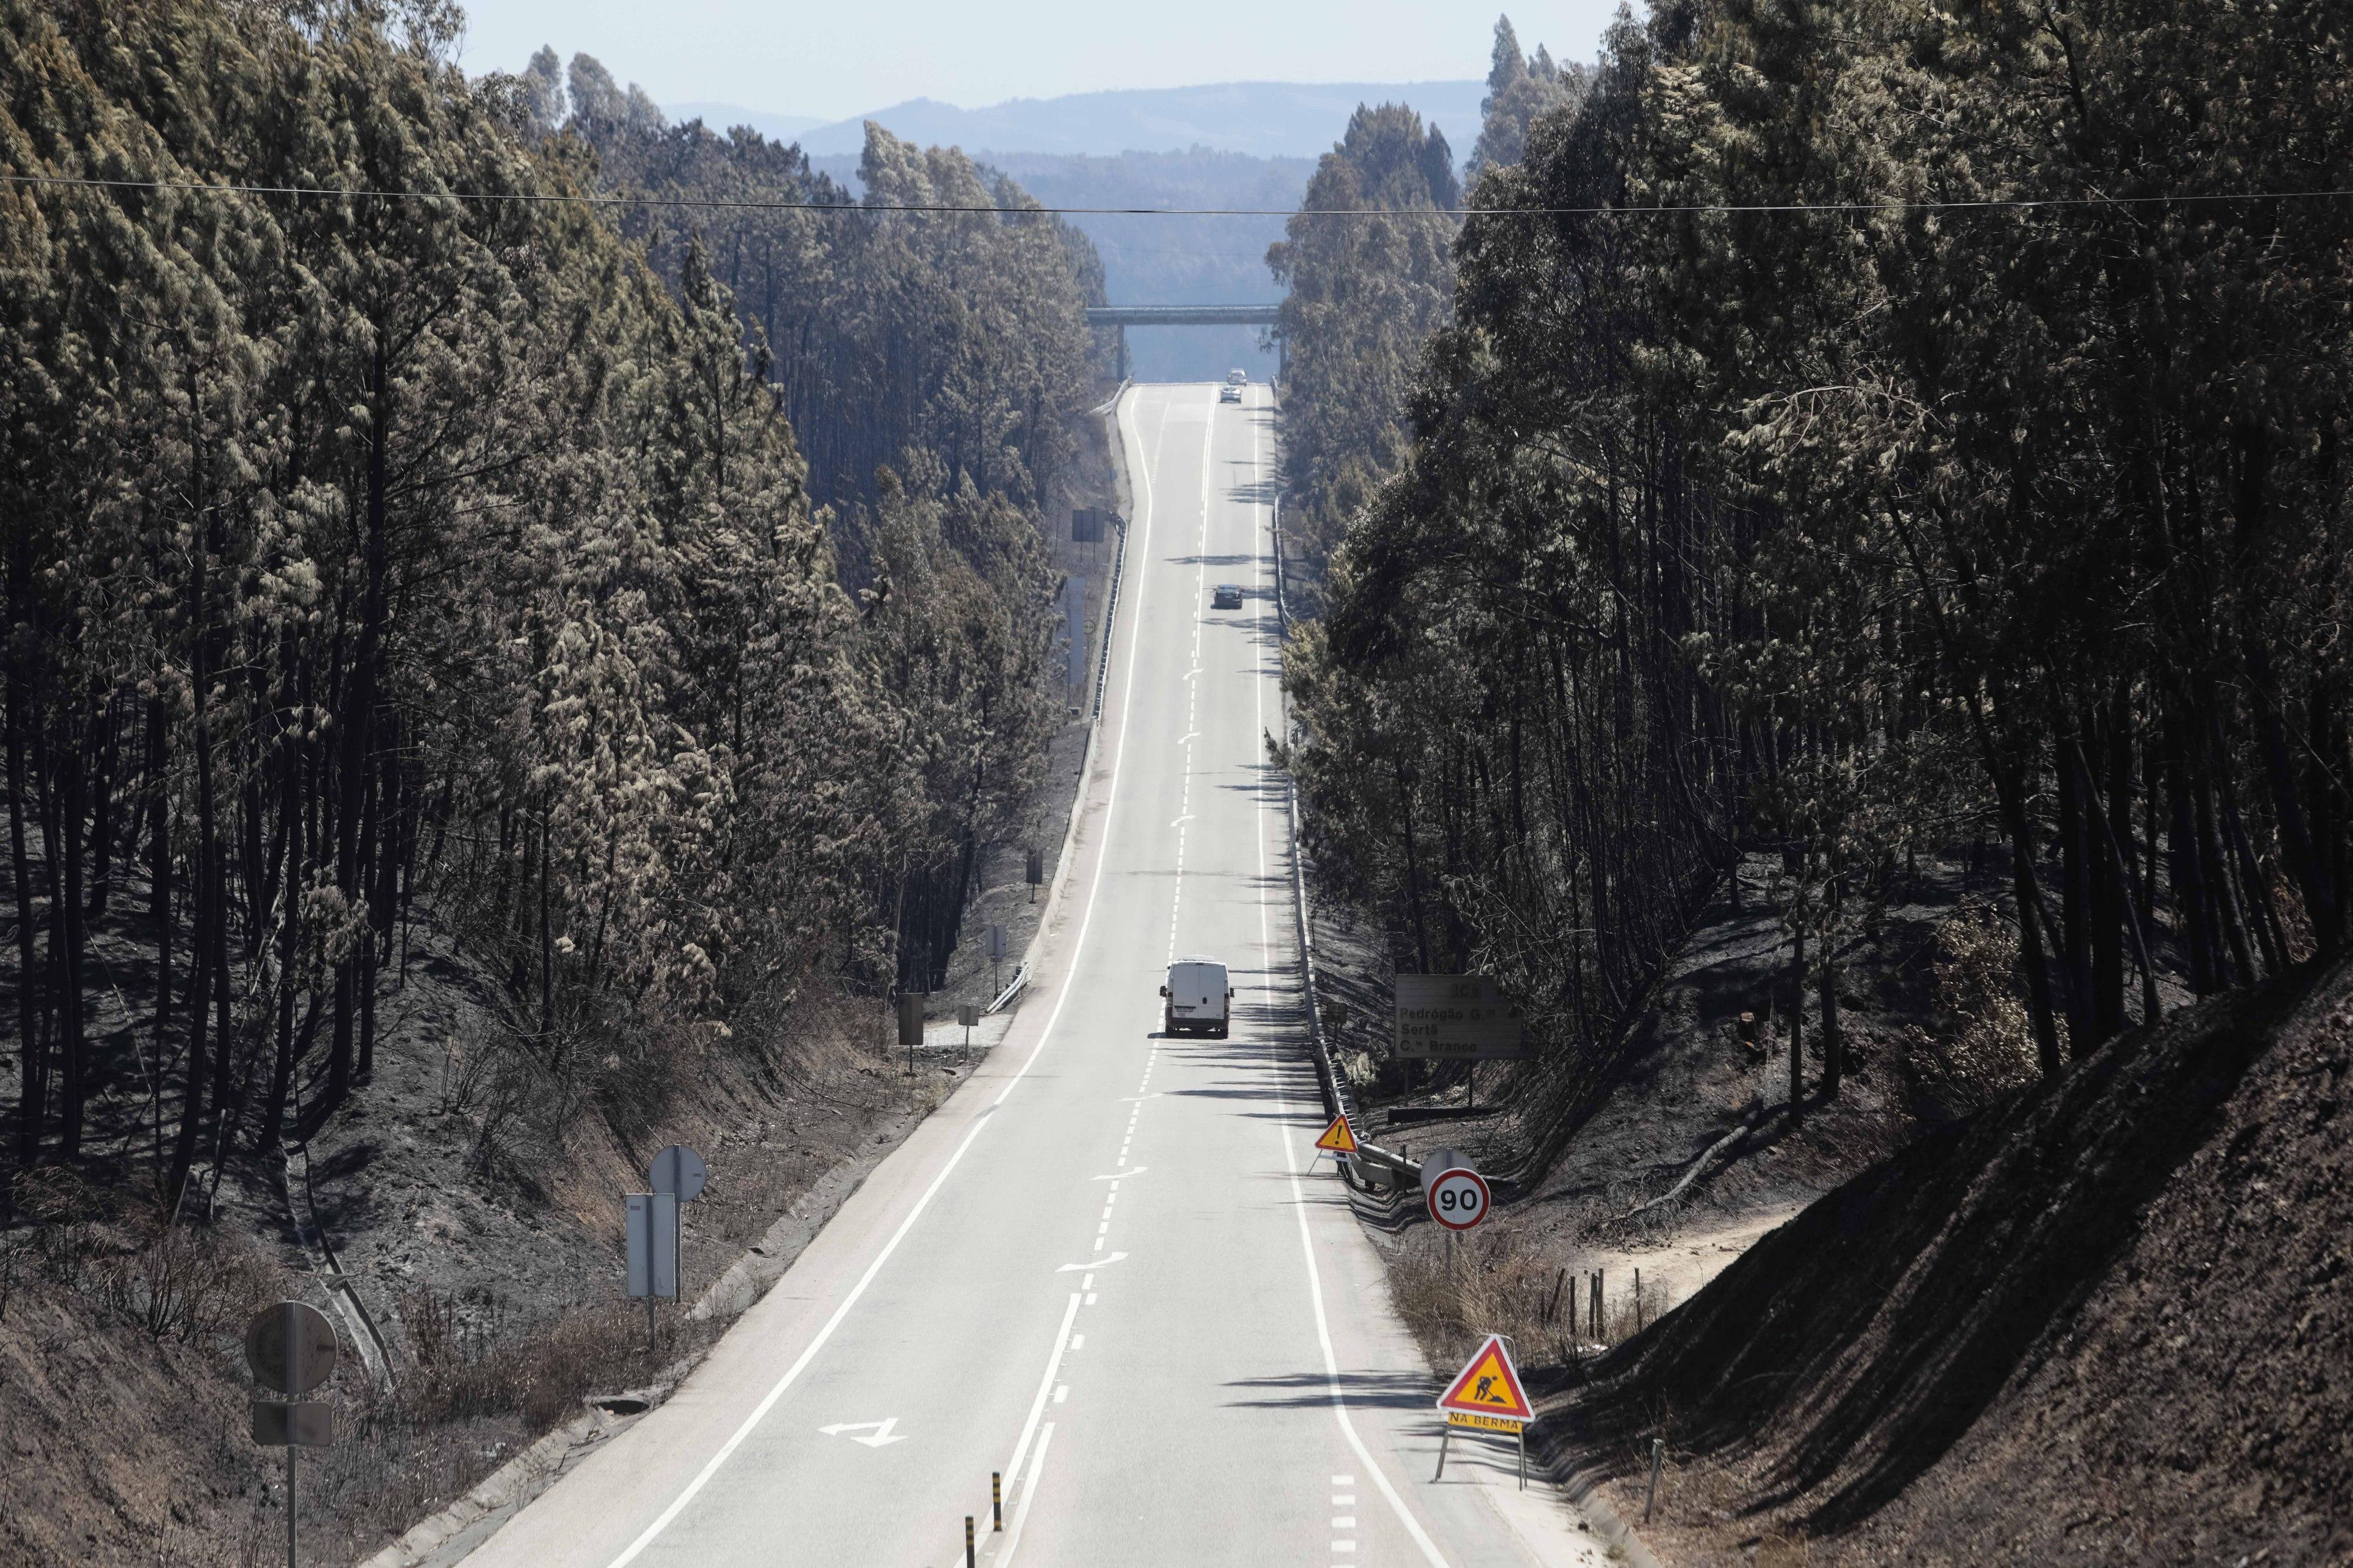 Proteção Civil alerta para condições favoráveis a fogos florestais na próxima semana